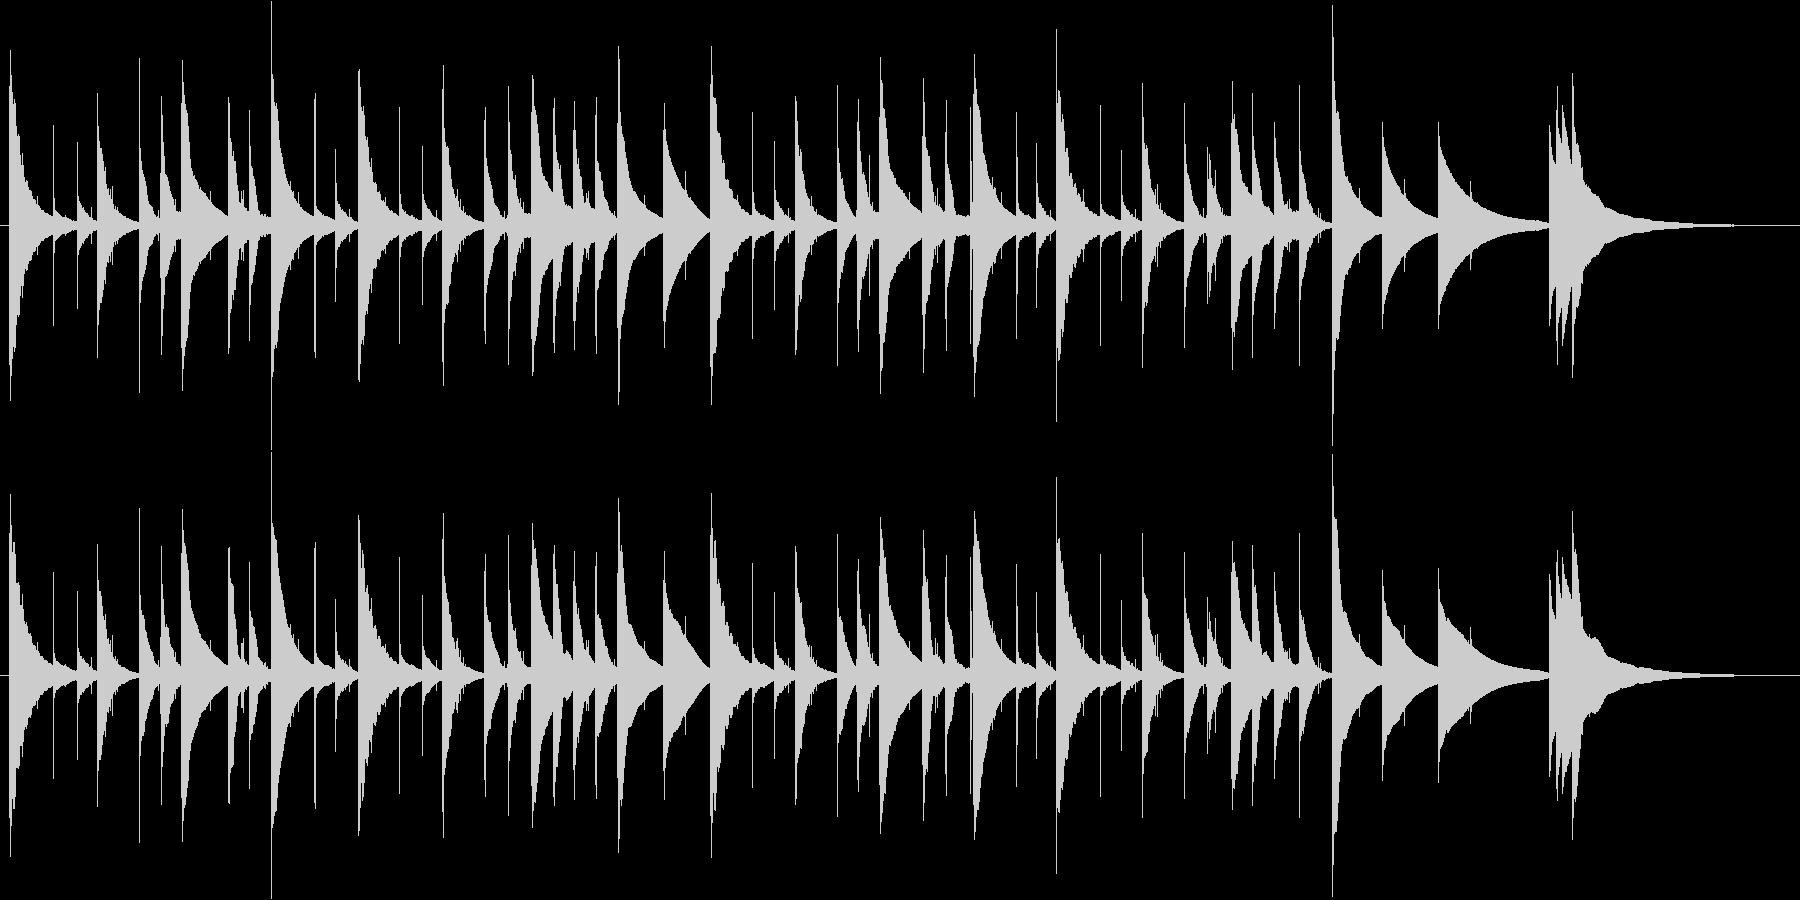 かなりゆっくりなオルゴール曲ですの未再生の波形